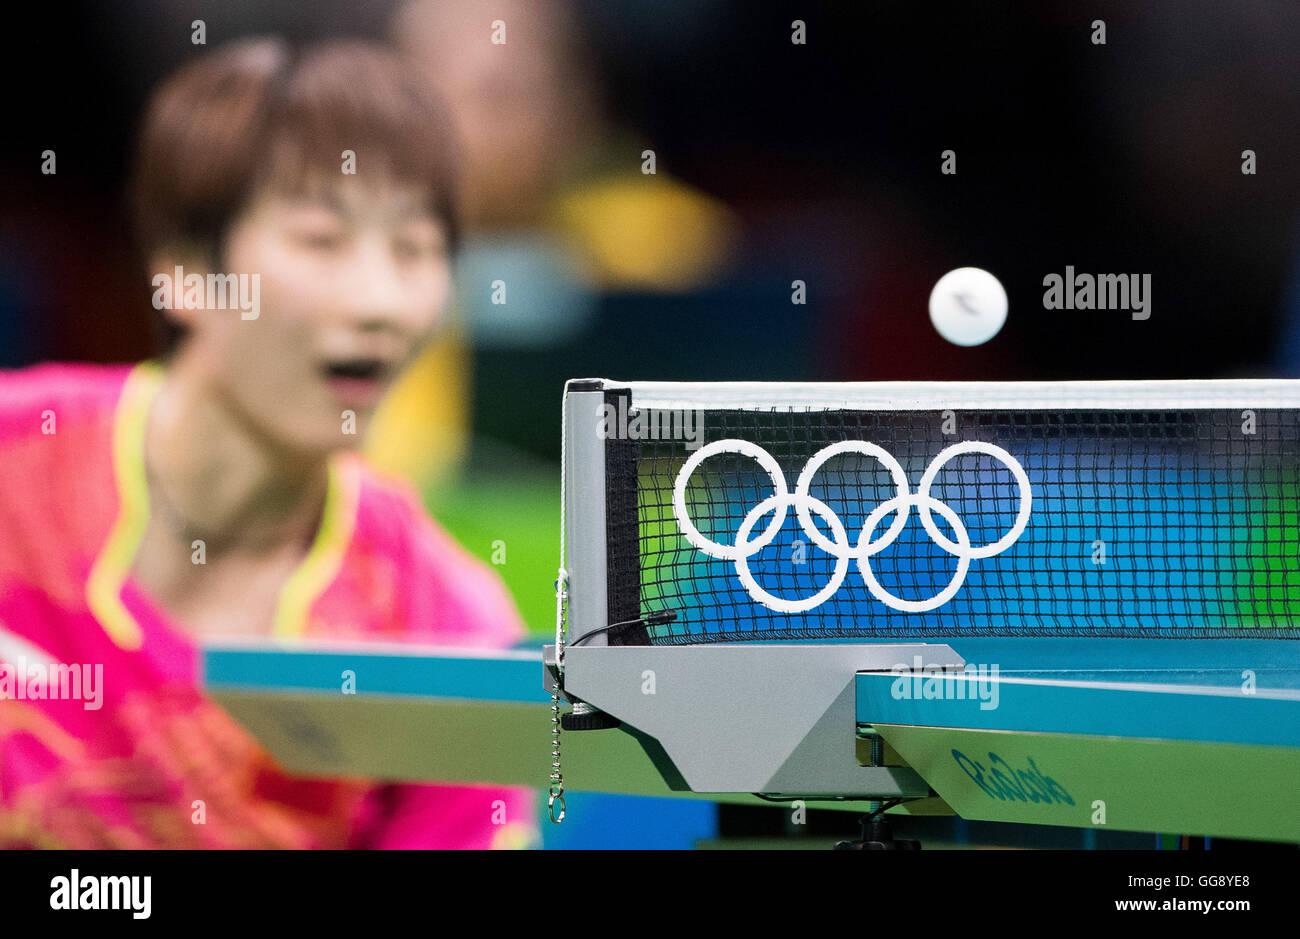 Río de Janeiro, Brasil. El 10 de agosto, 2016. Juegos Olímpicos 2016 Tenis de Mesa - Detalle de la red Imagen De Stock